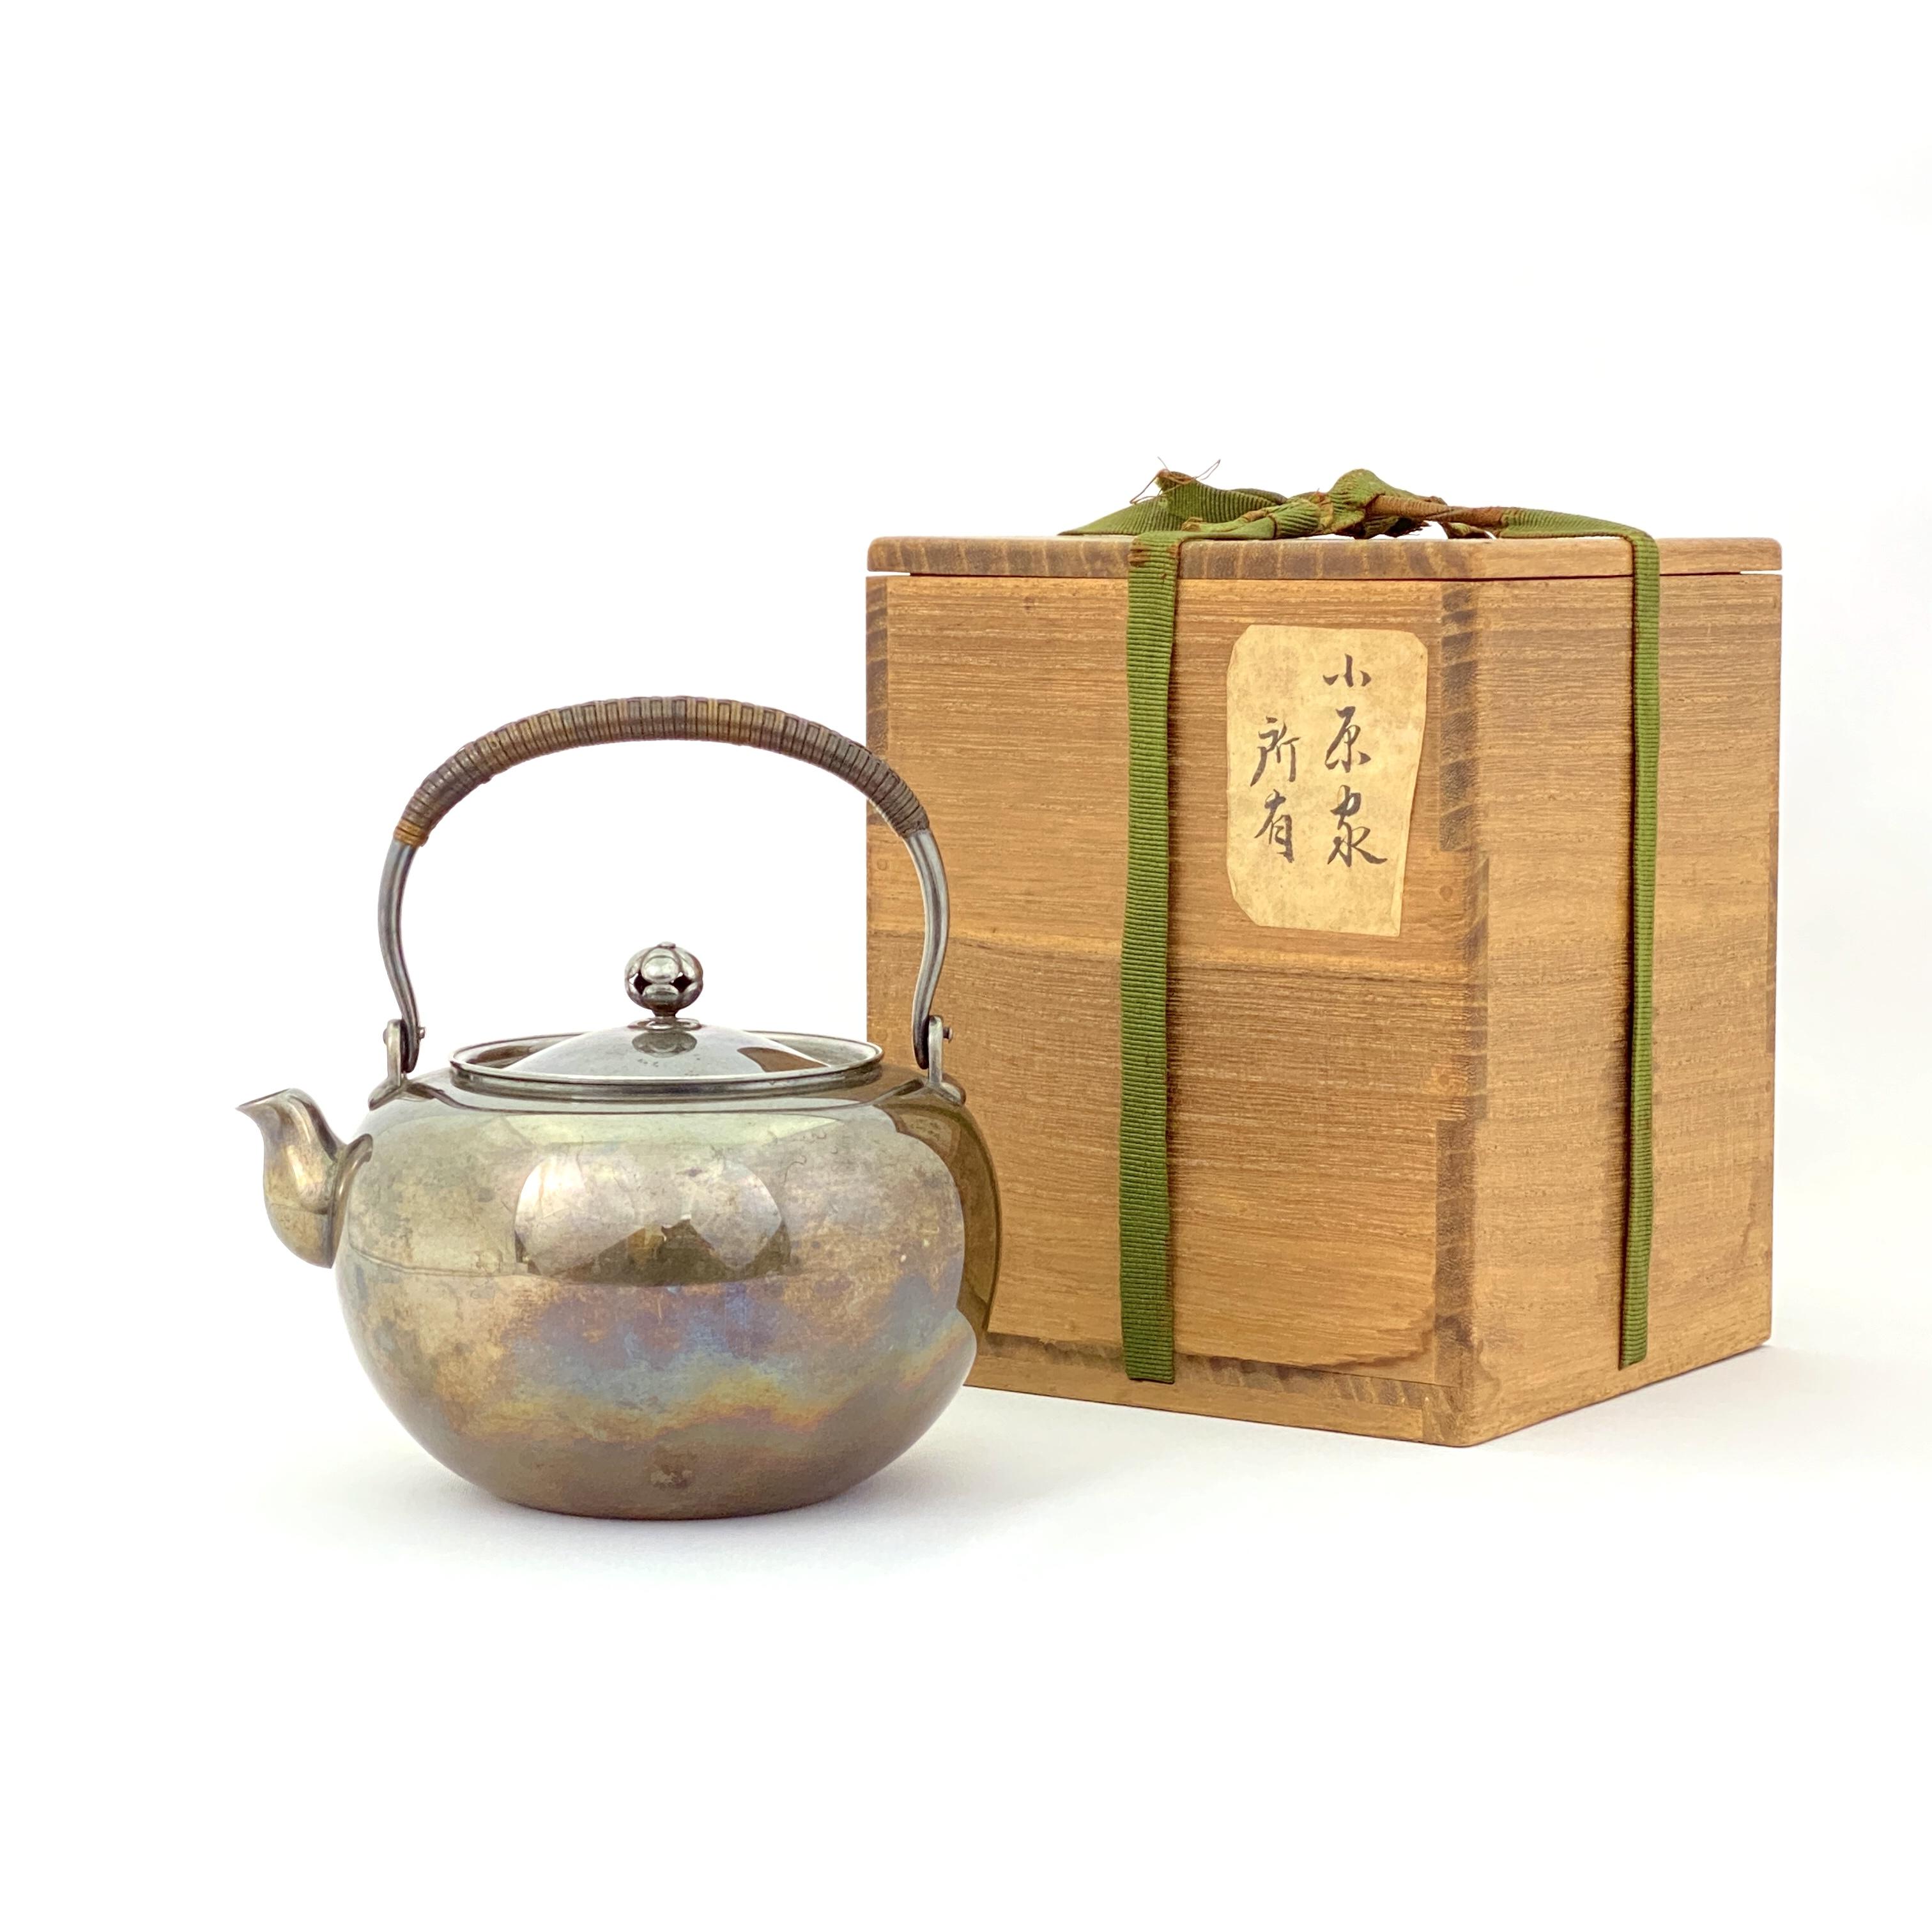 20048「澤田宗味」造 純銀 湯沸 324g